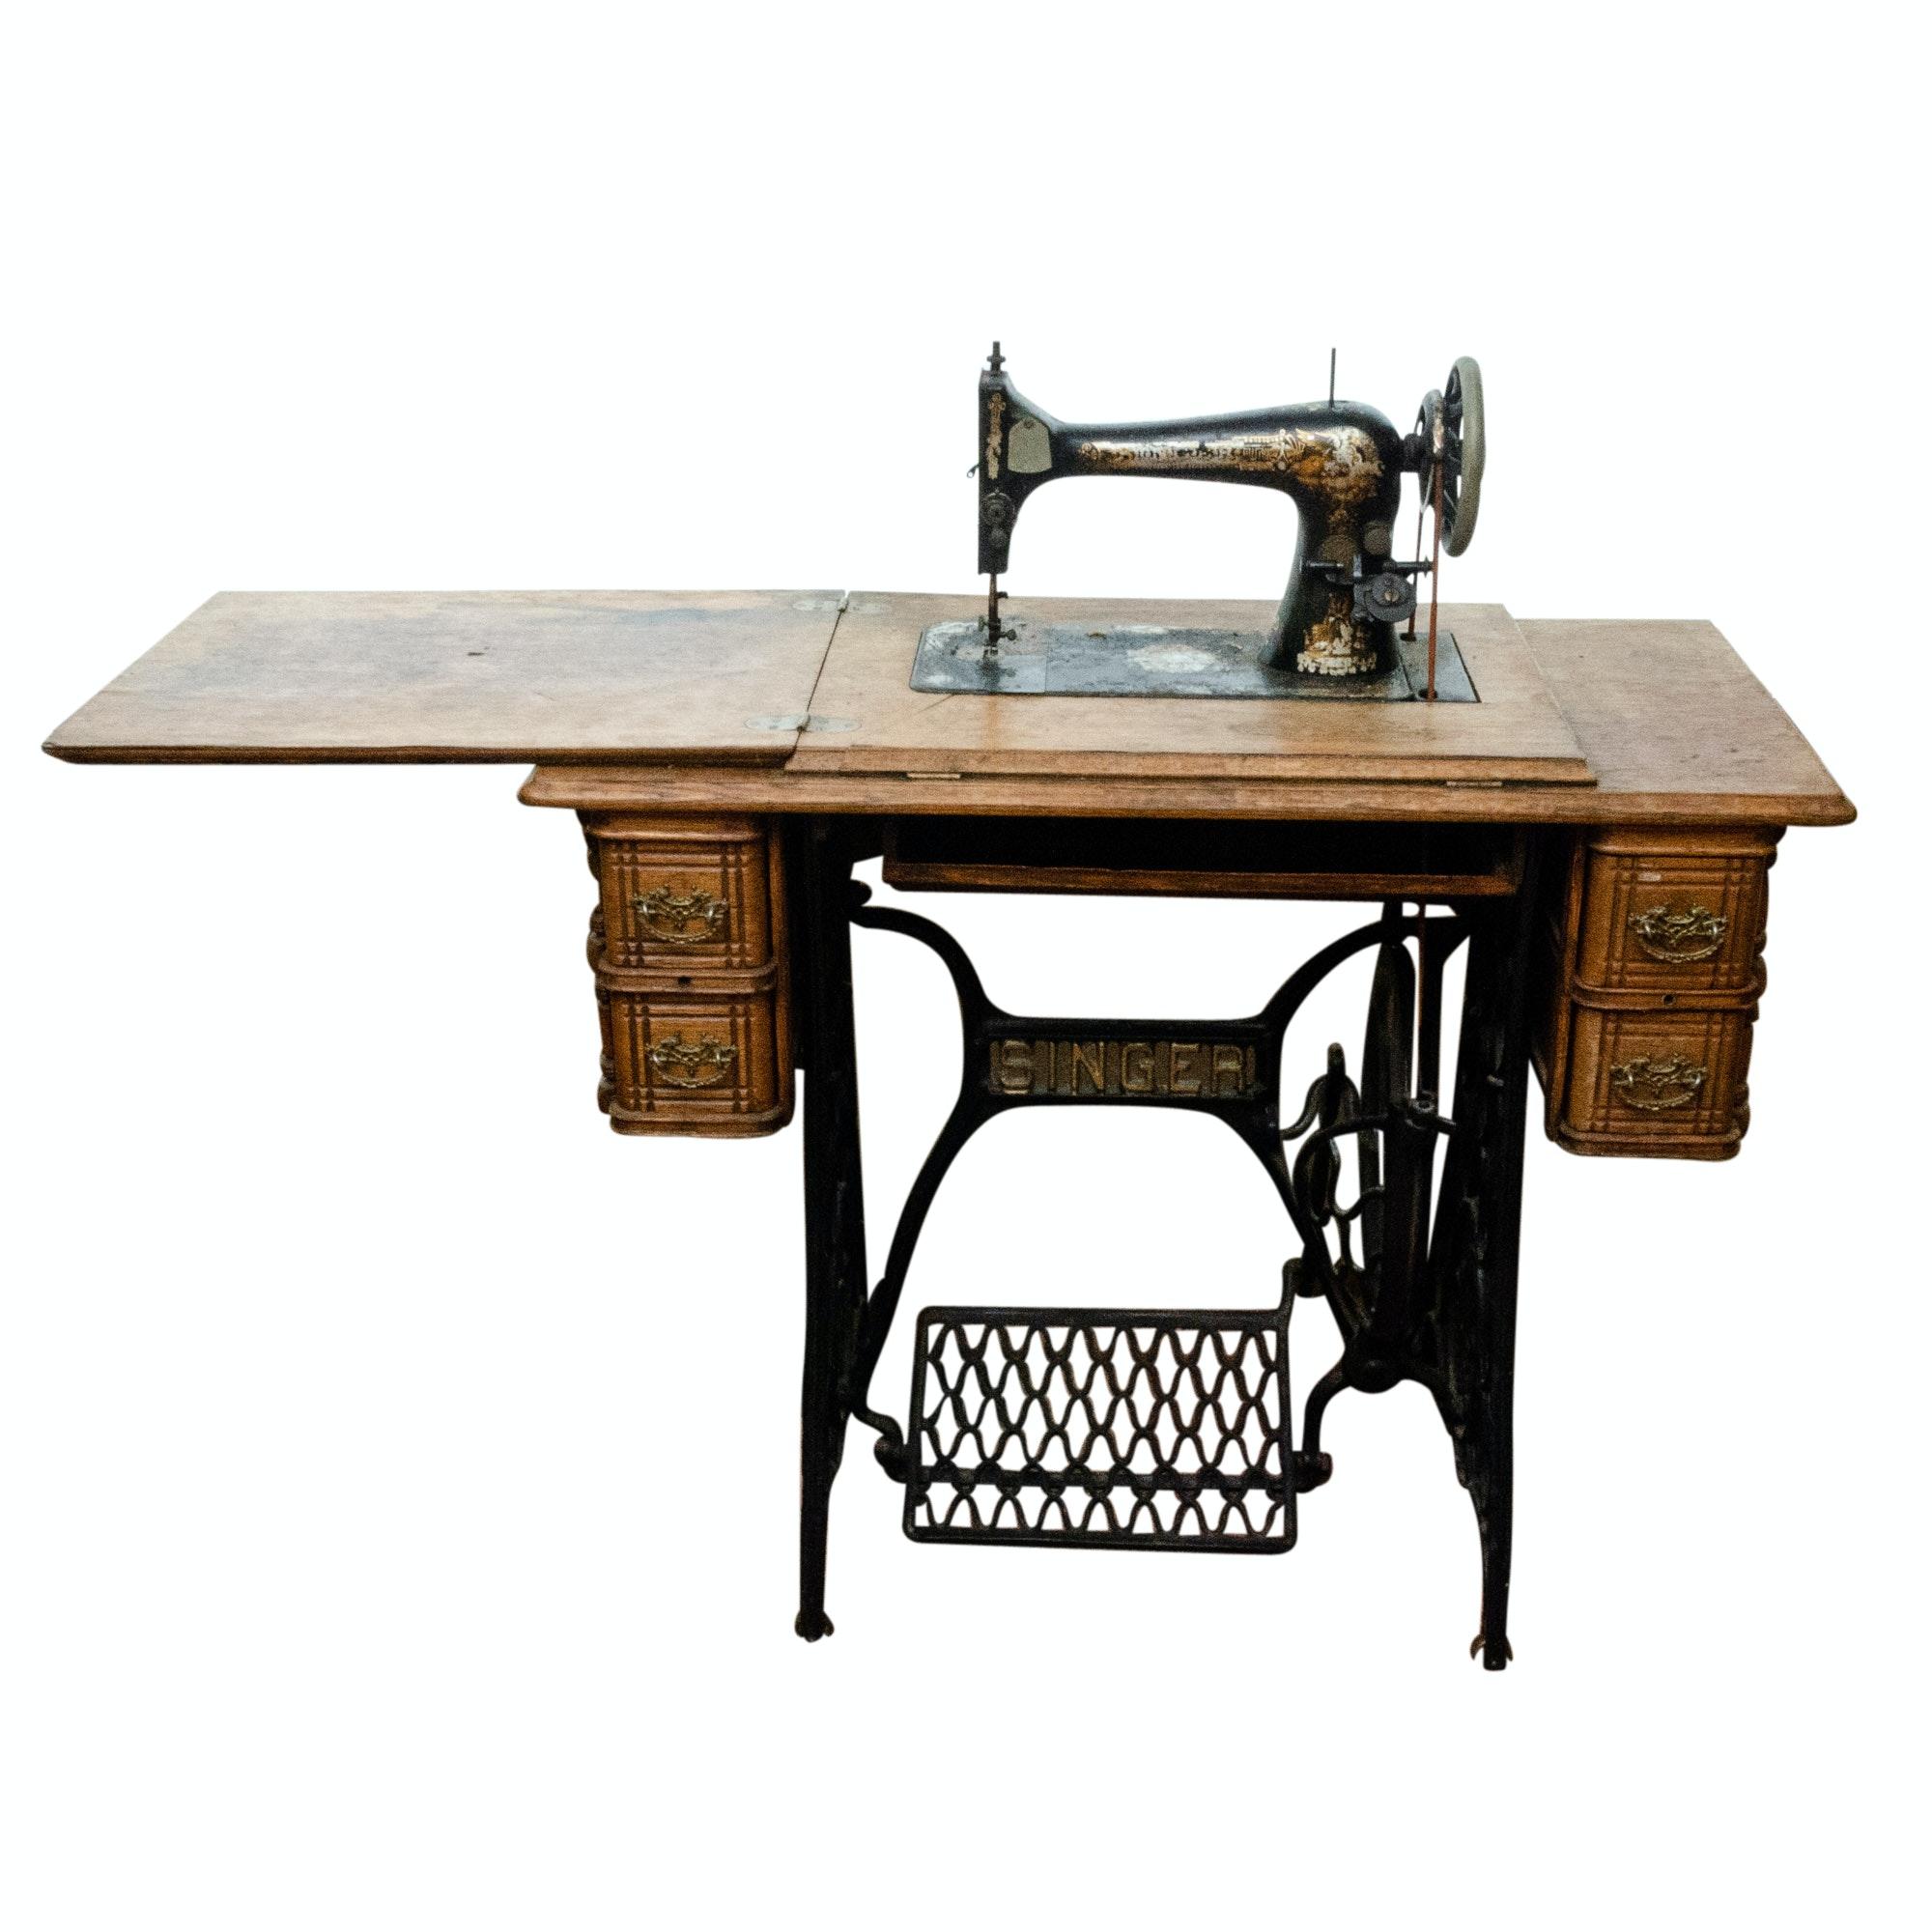 Antique Singer Sewing Machine in Oak Storage Cabinet